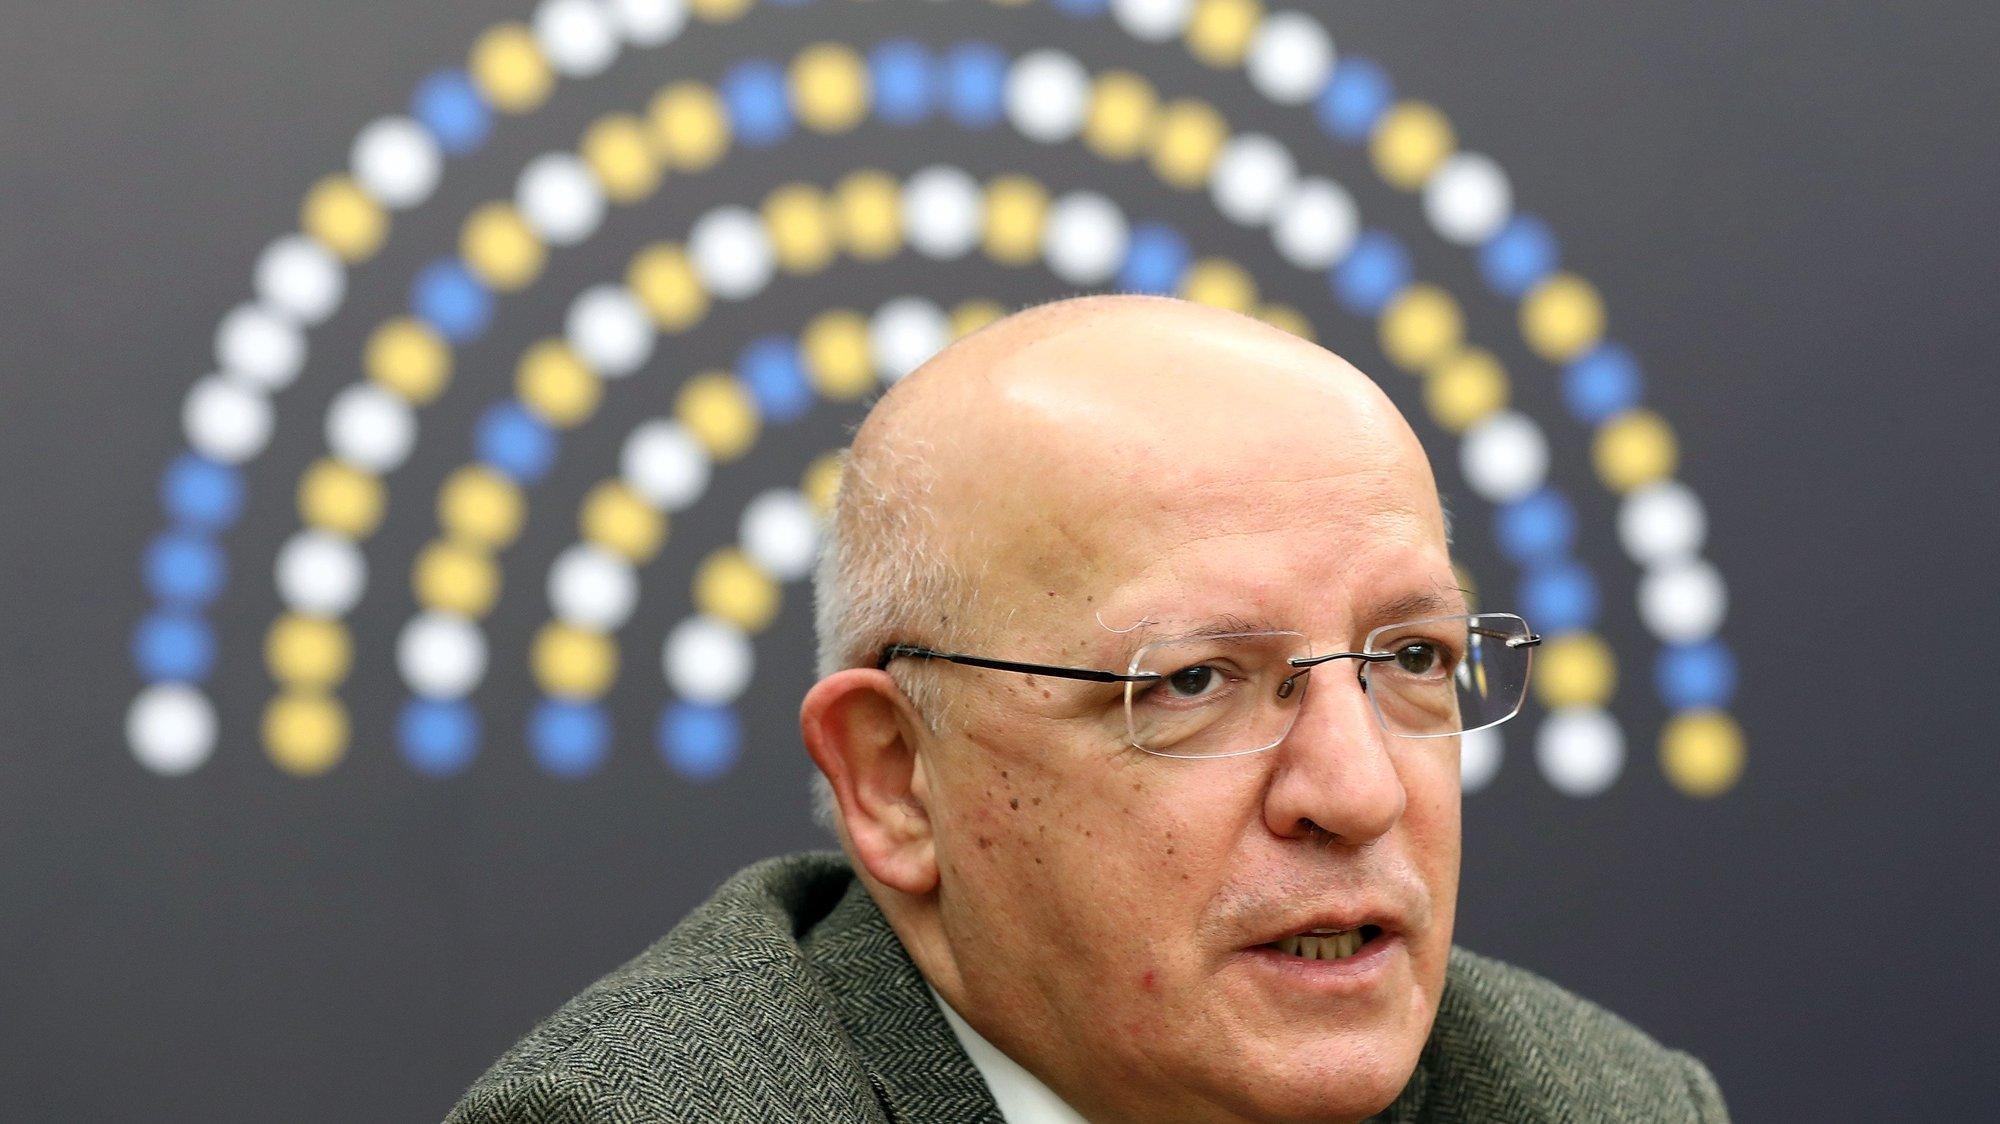 O ministro de Estado e dos Negócios Estrangeiros, Augusto Santos Silva, intervém durante a conferência dos Órgãos Especializados em Assuntos da União dos Parlamentos da UE (COSAC), no âmbito da Dimensão Parlamentar da Presidência Portuguesa do Conselho da União Europeia, em Lisboa, 11 de janeiro de 2021. ANTÓNIO PEDRO SANTOS/LUSA